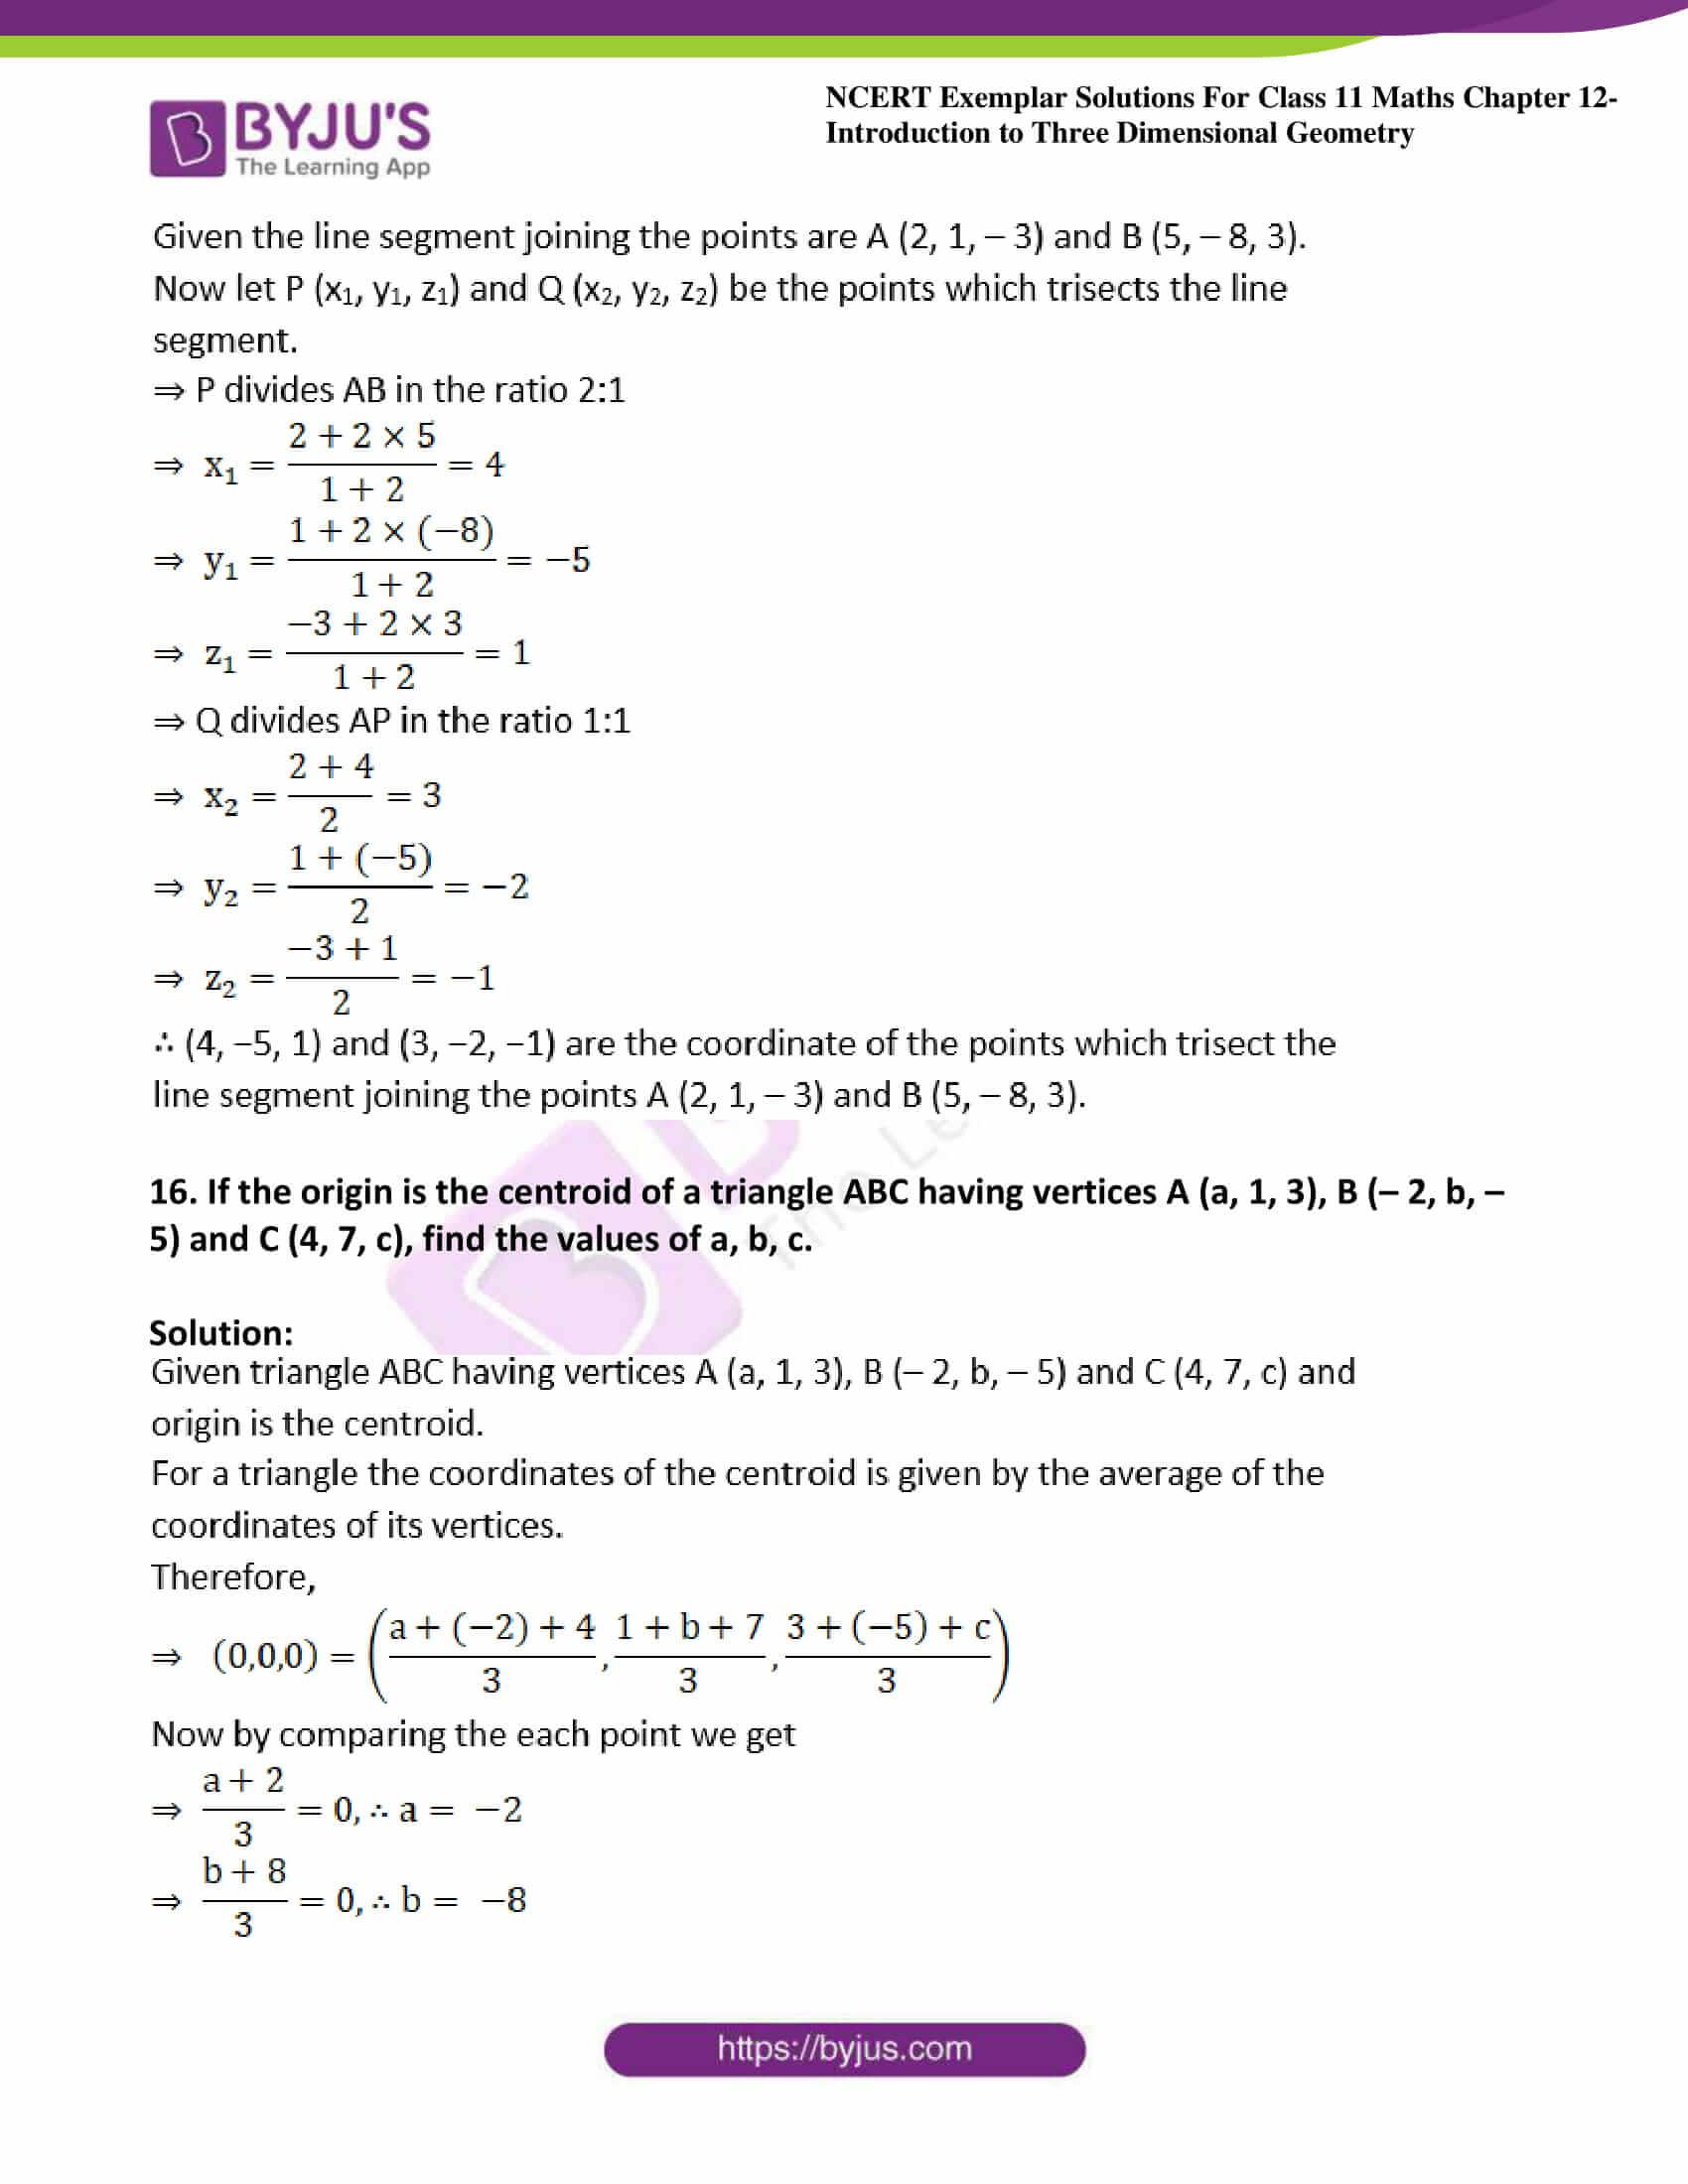 ncert exemplar sol class 11 maths chpt 12 three dimensional 08